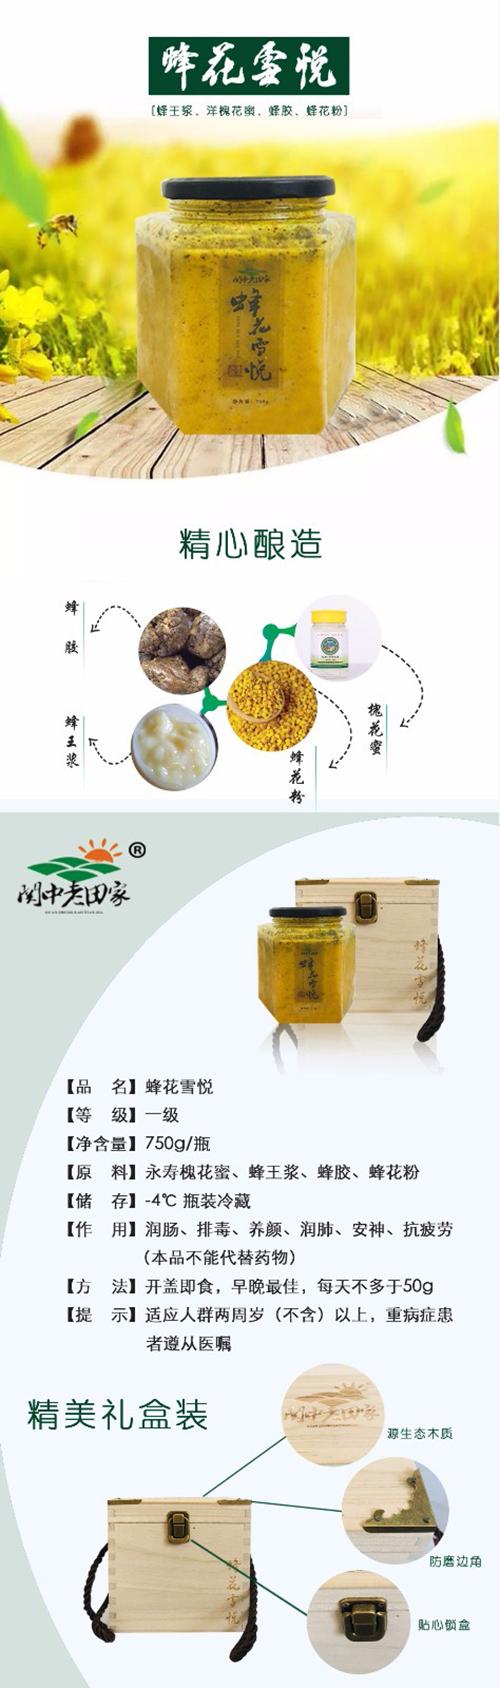 陕西老田家绿色食品有限公司